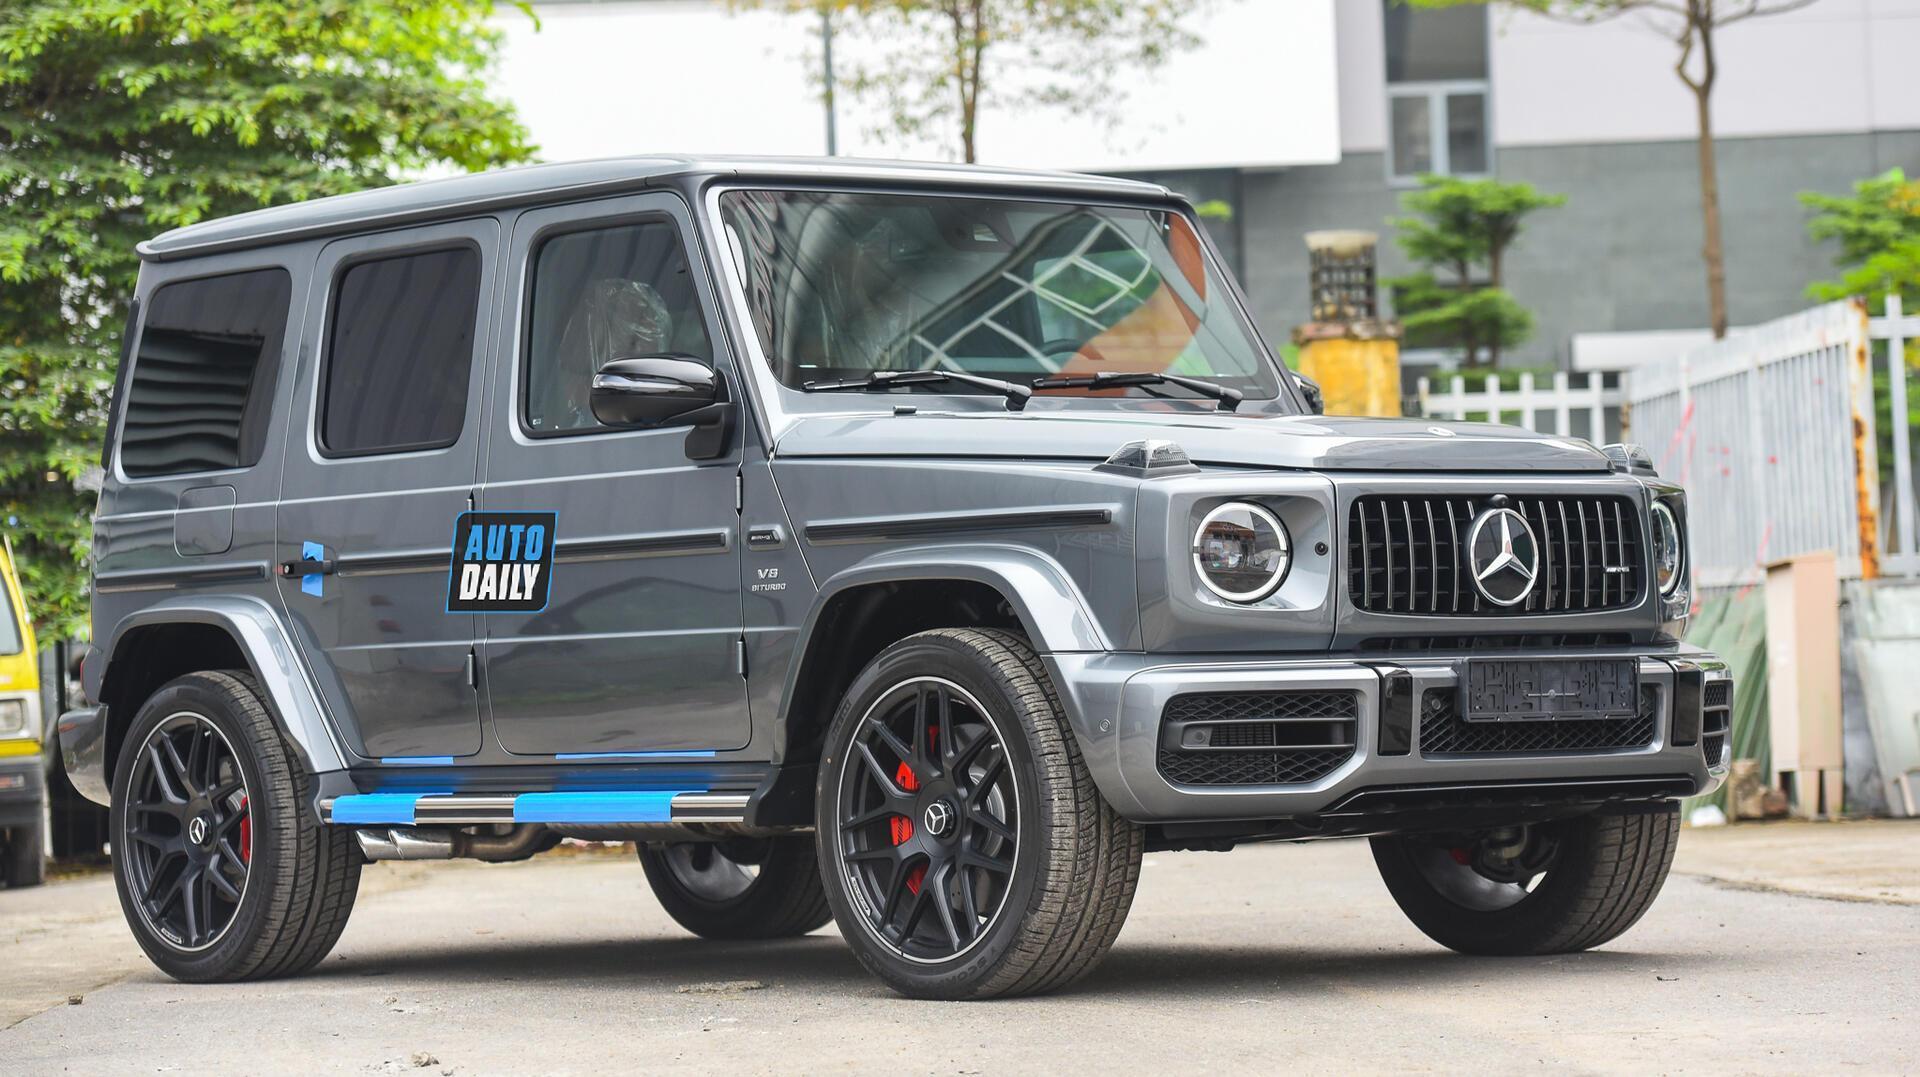 Ảnh chi tiết Mercedes G63 AMG 2021 bản cá nhân hoá giá khoảng 12 tỷ [2]